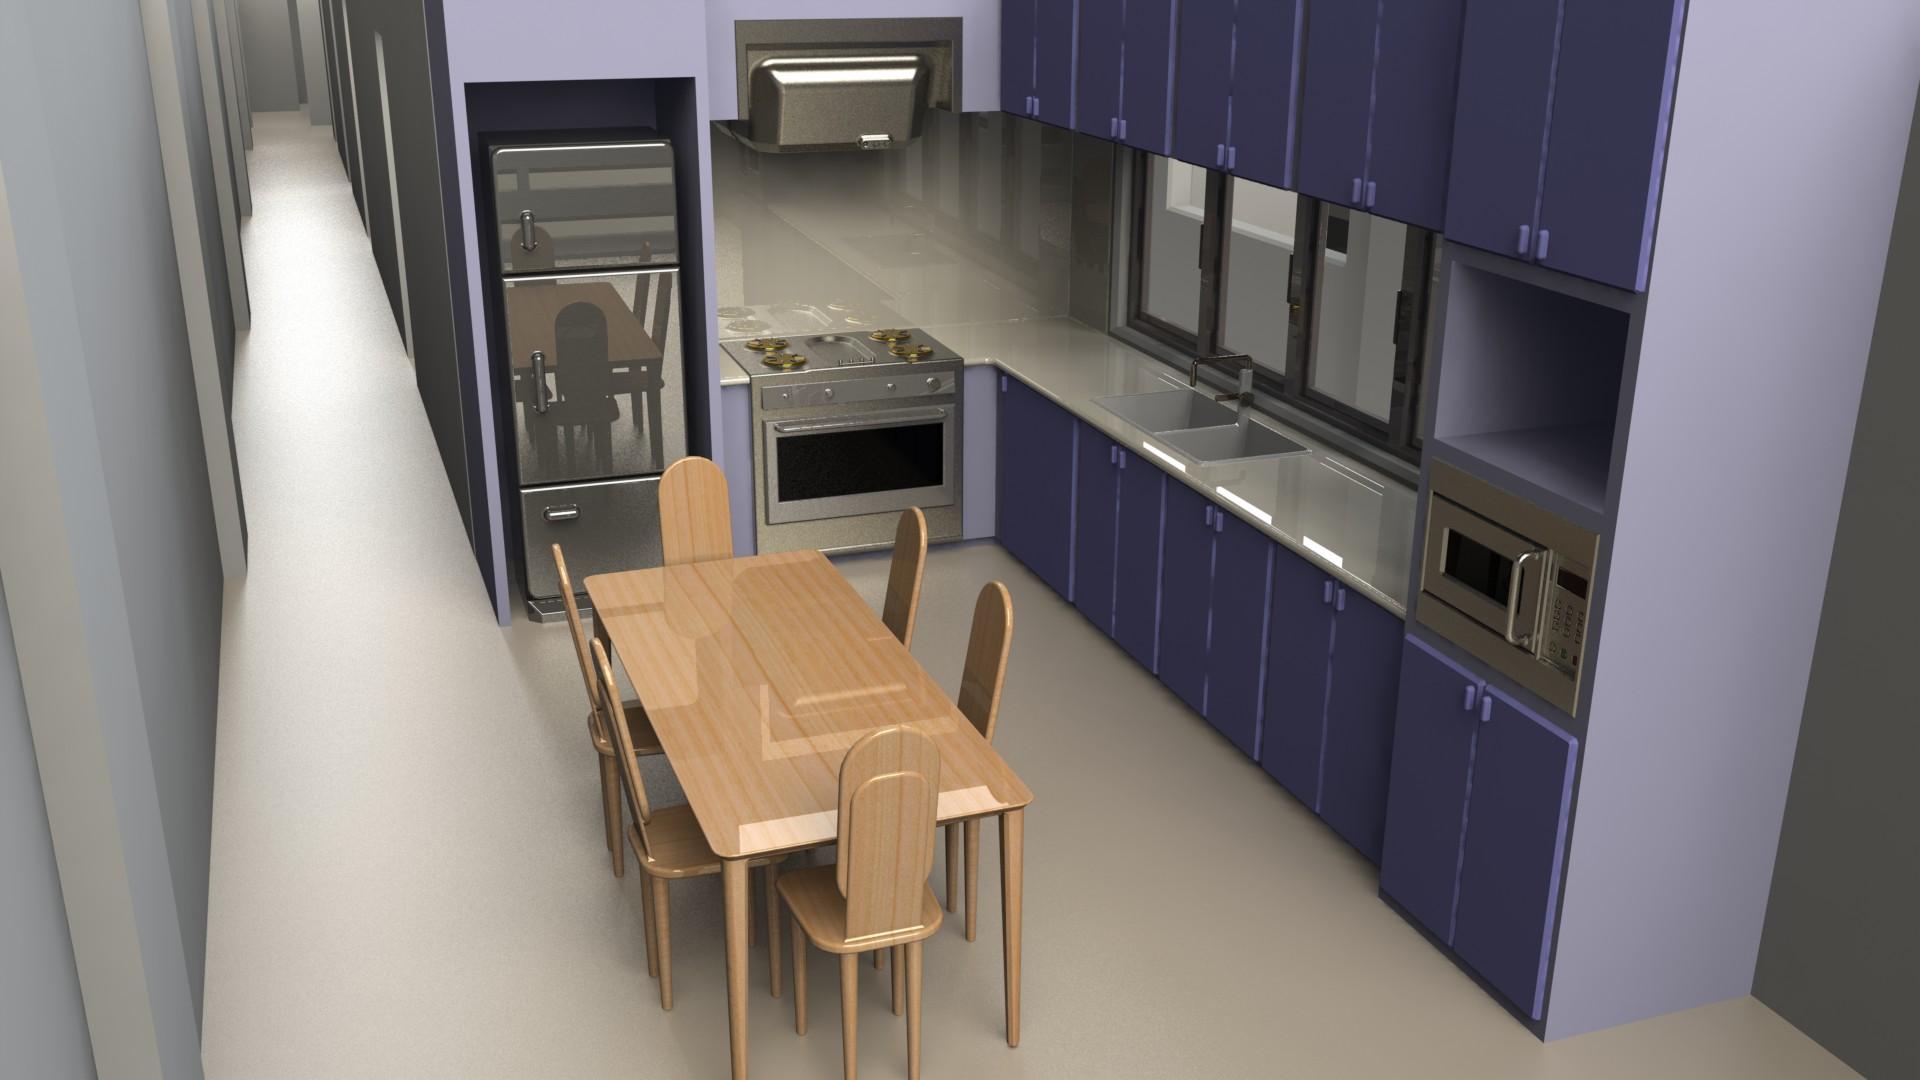 Blocos FP 3D: Cozinha completa 3D – Blocos Fabrica do Projeto #876745 1920 1080